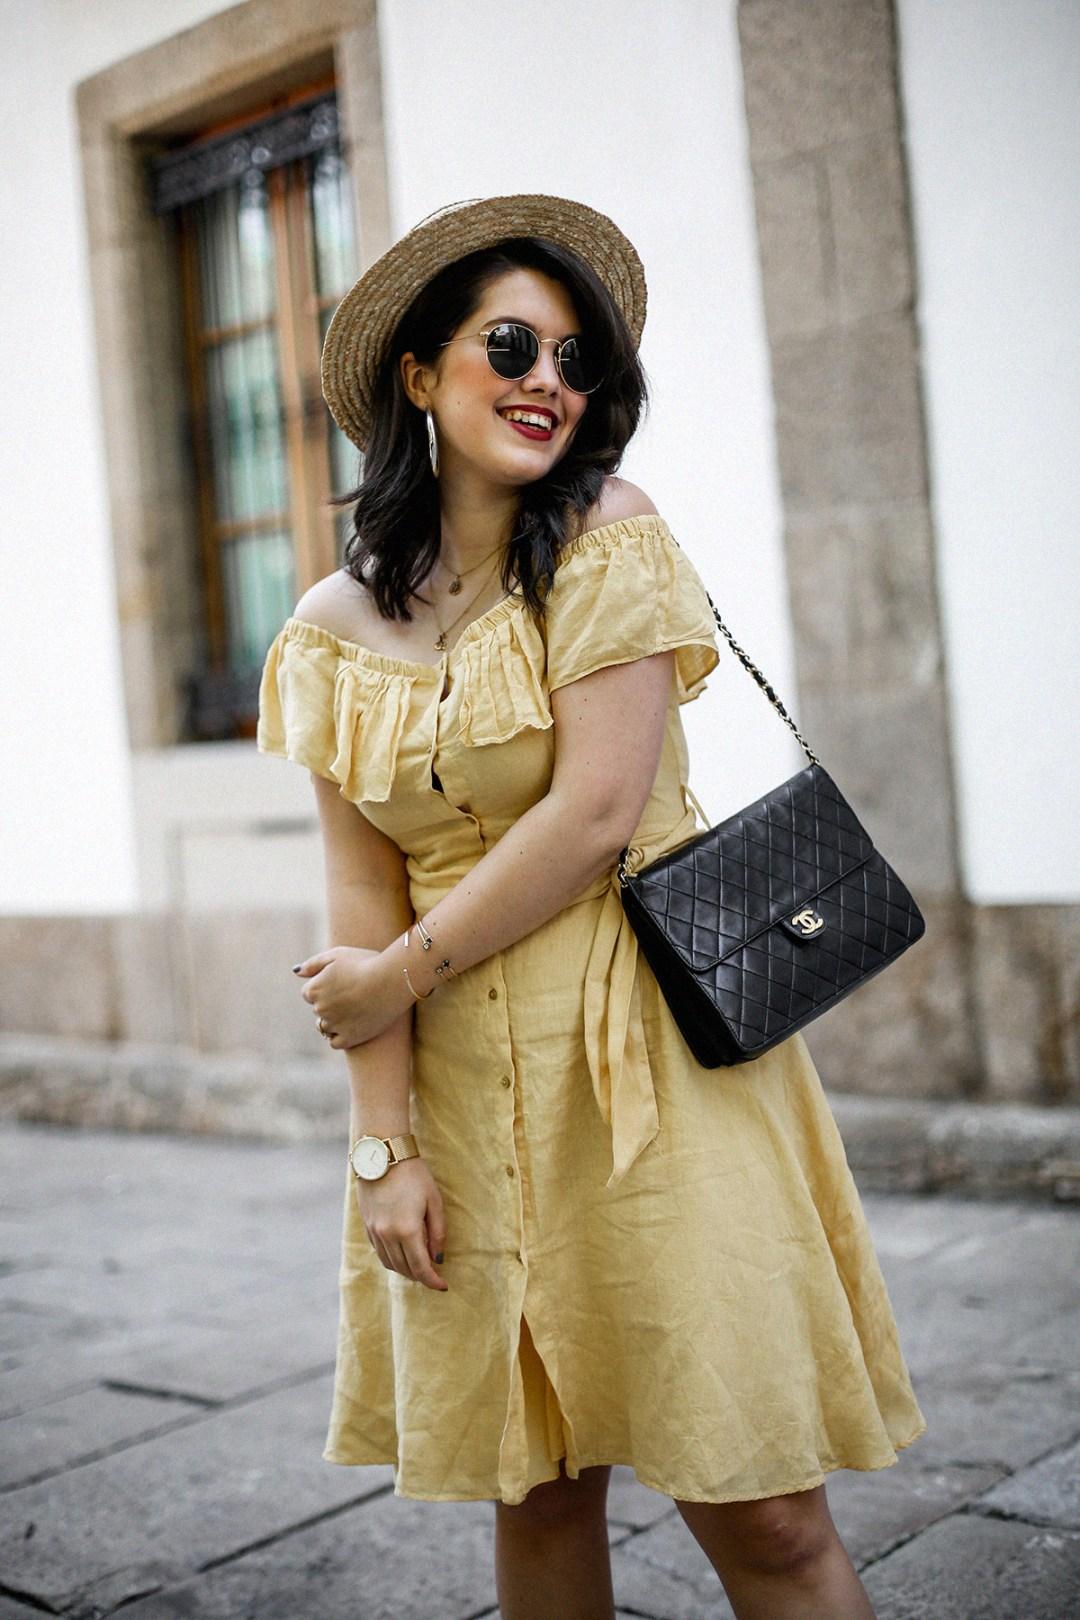 vestido-amarillo-hombros-descubiertos-zara-chanel-vintage-vestiaire-collective10